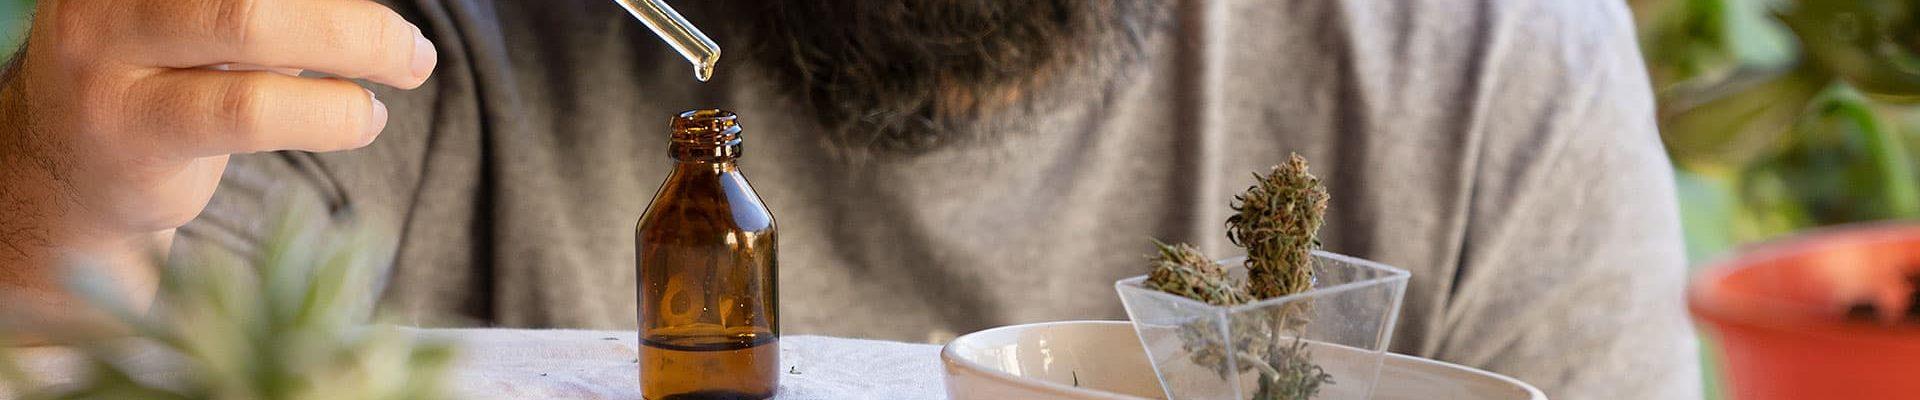 Cannabis medicinal: una cura que ya es ley